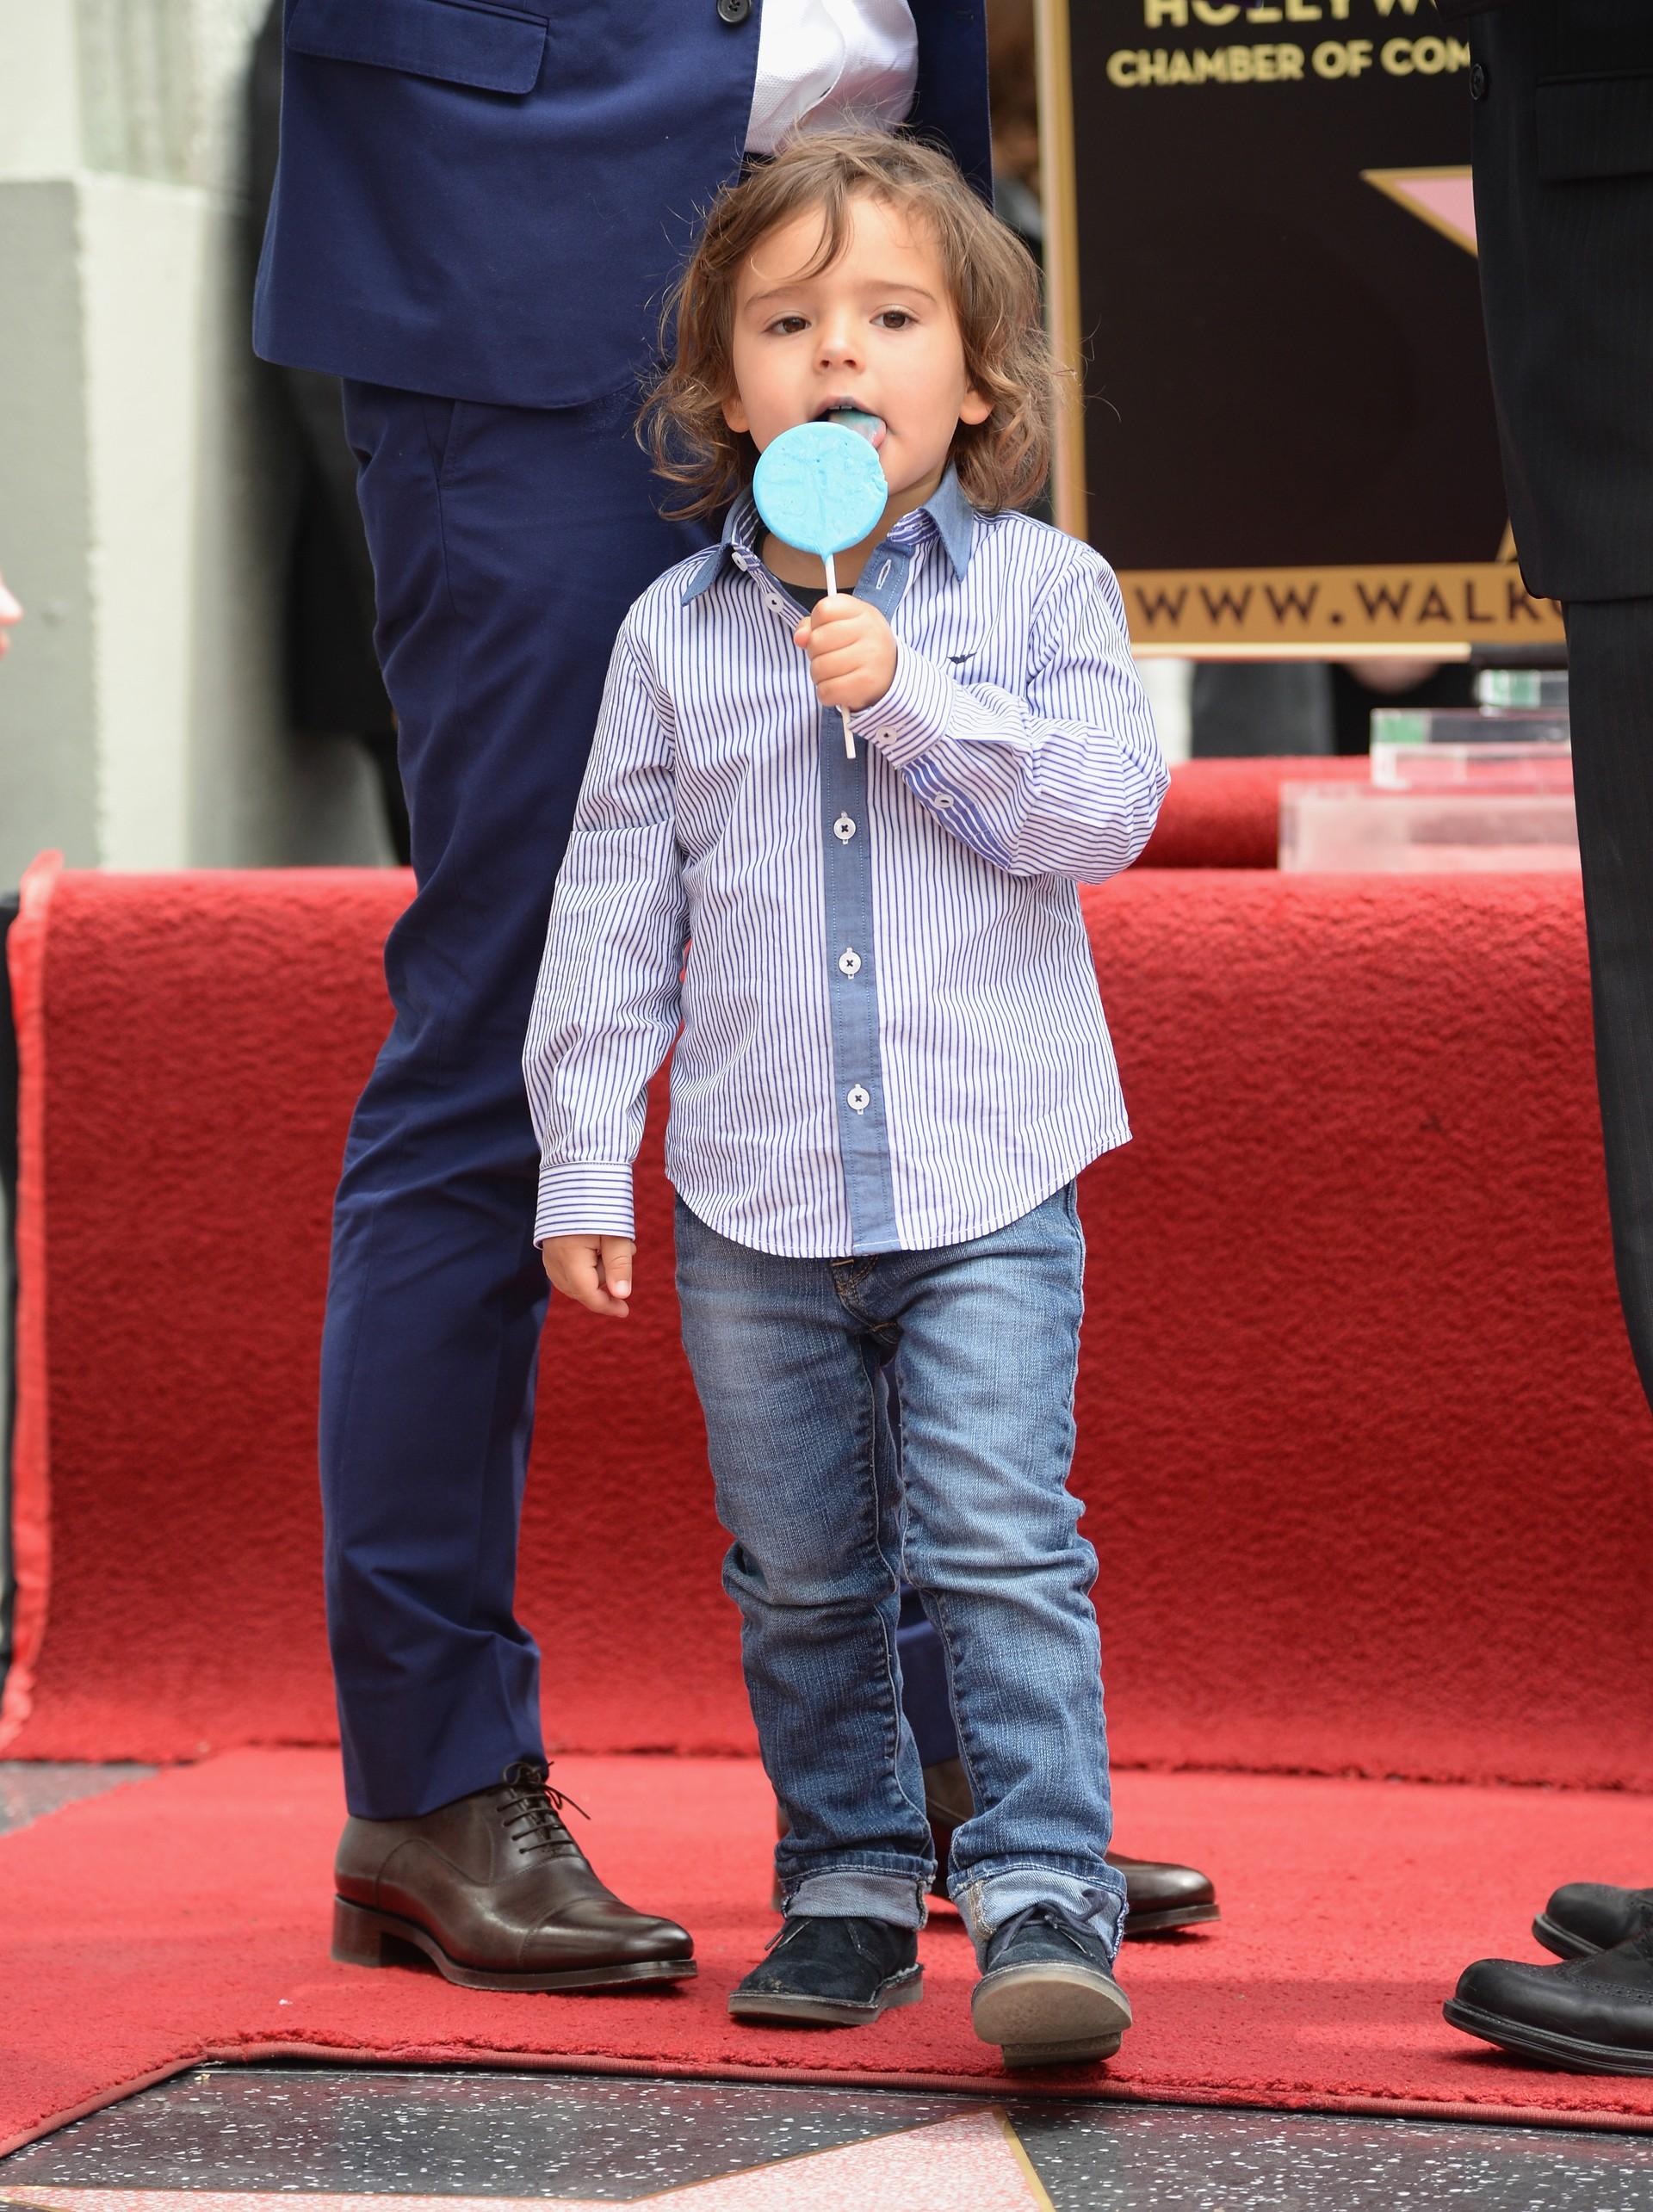 O adorável filho de Orlando Bloom e Miranda Kerr é uma celebridade infantil que segue as tendências da moda. Ele normalmente usa chapéus e roupas com estampas, misturando e combinando diversos estilos. Com bochechas grandes e um sorriso lindo, o pequenino de 3 anos já está pronto para as câmeras.  (Foto: Getty Images)